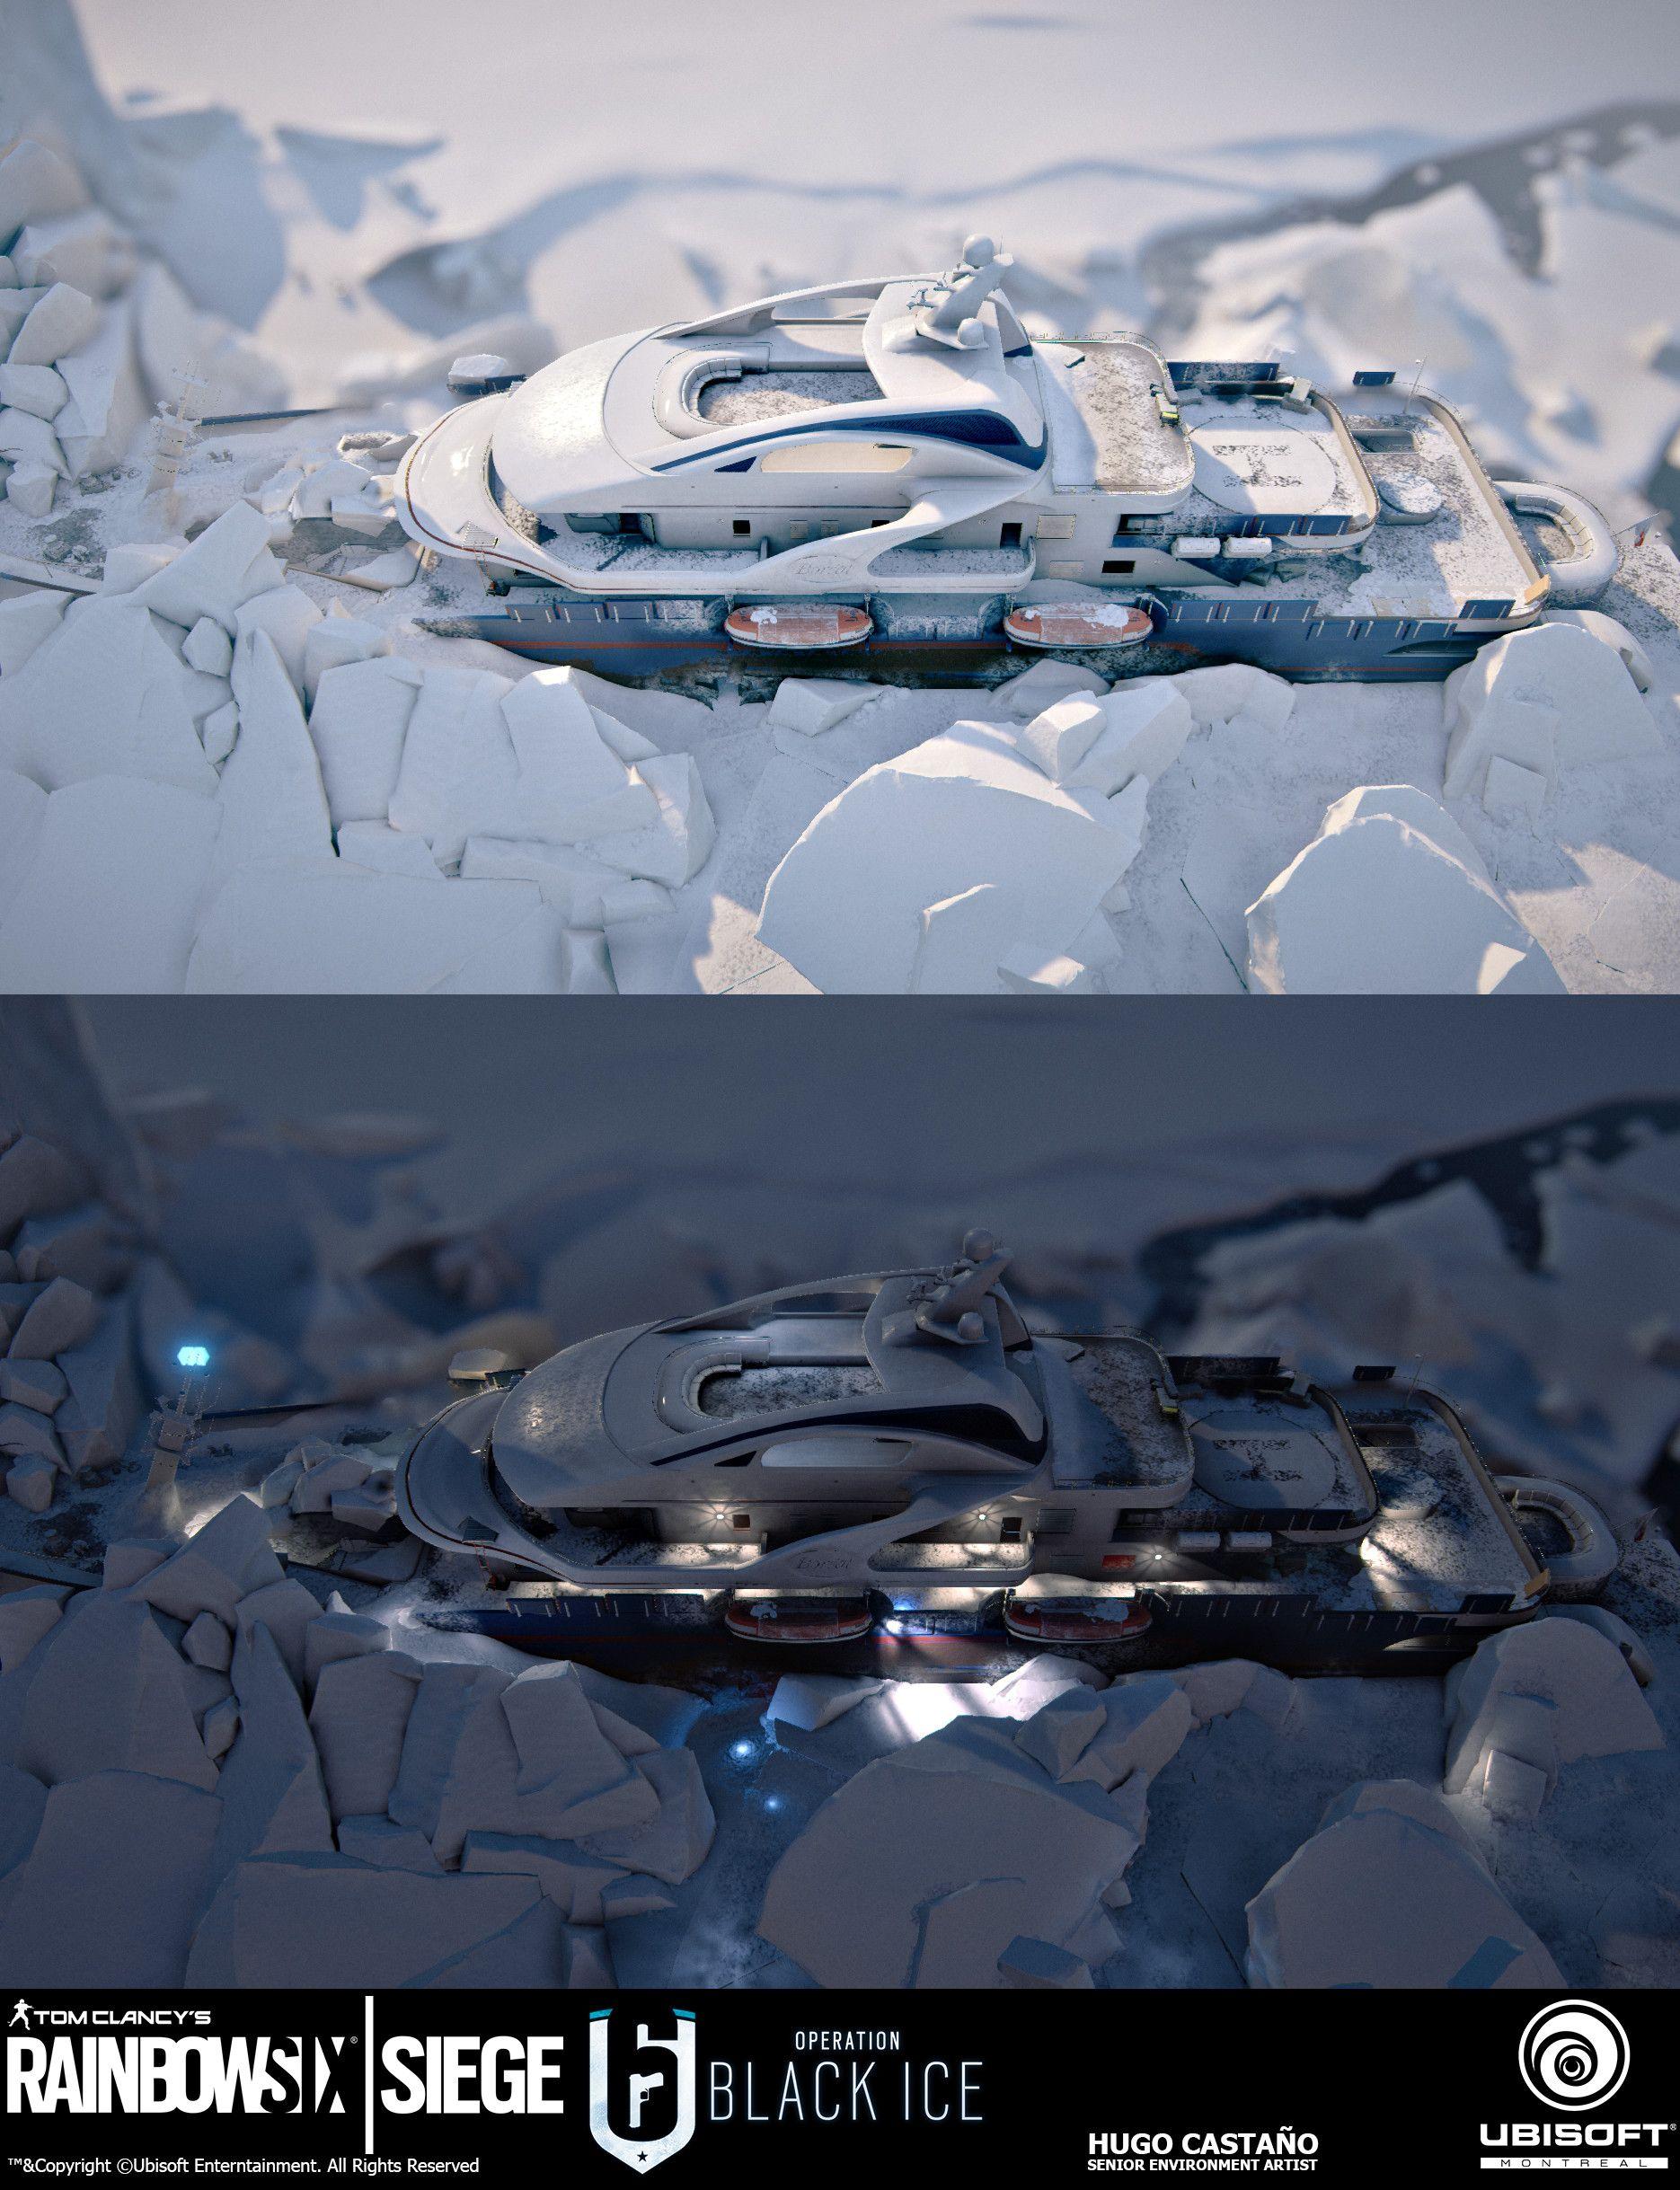 ArtStation Rainbow Six® Siege _ OPERATION BLACK ICE